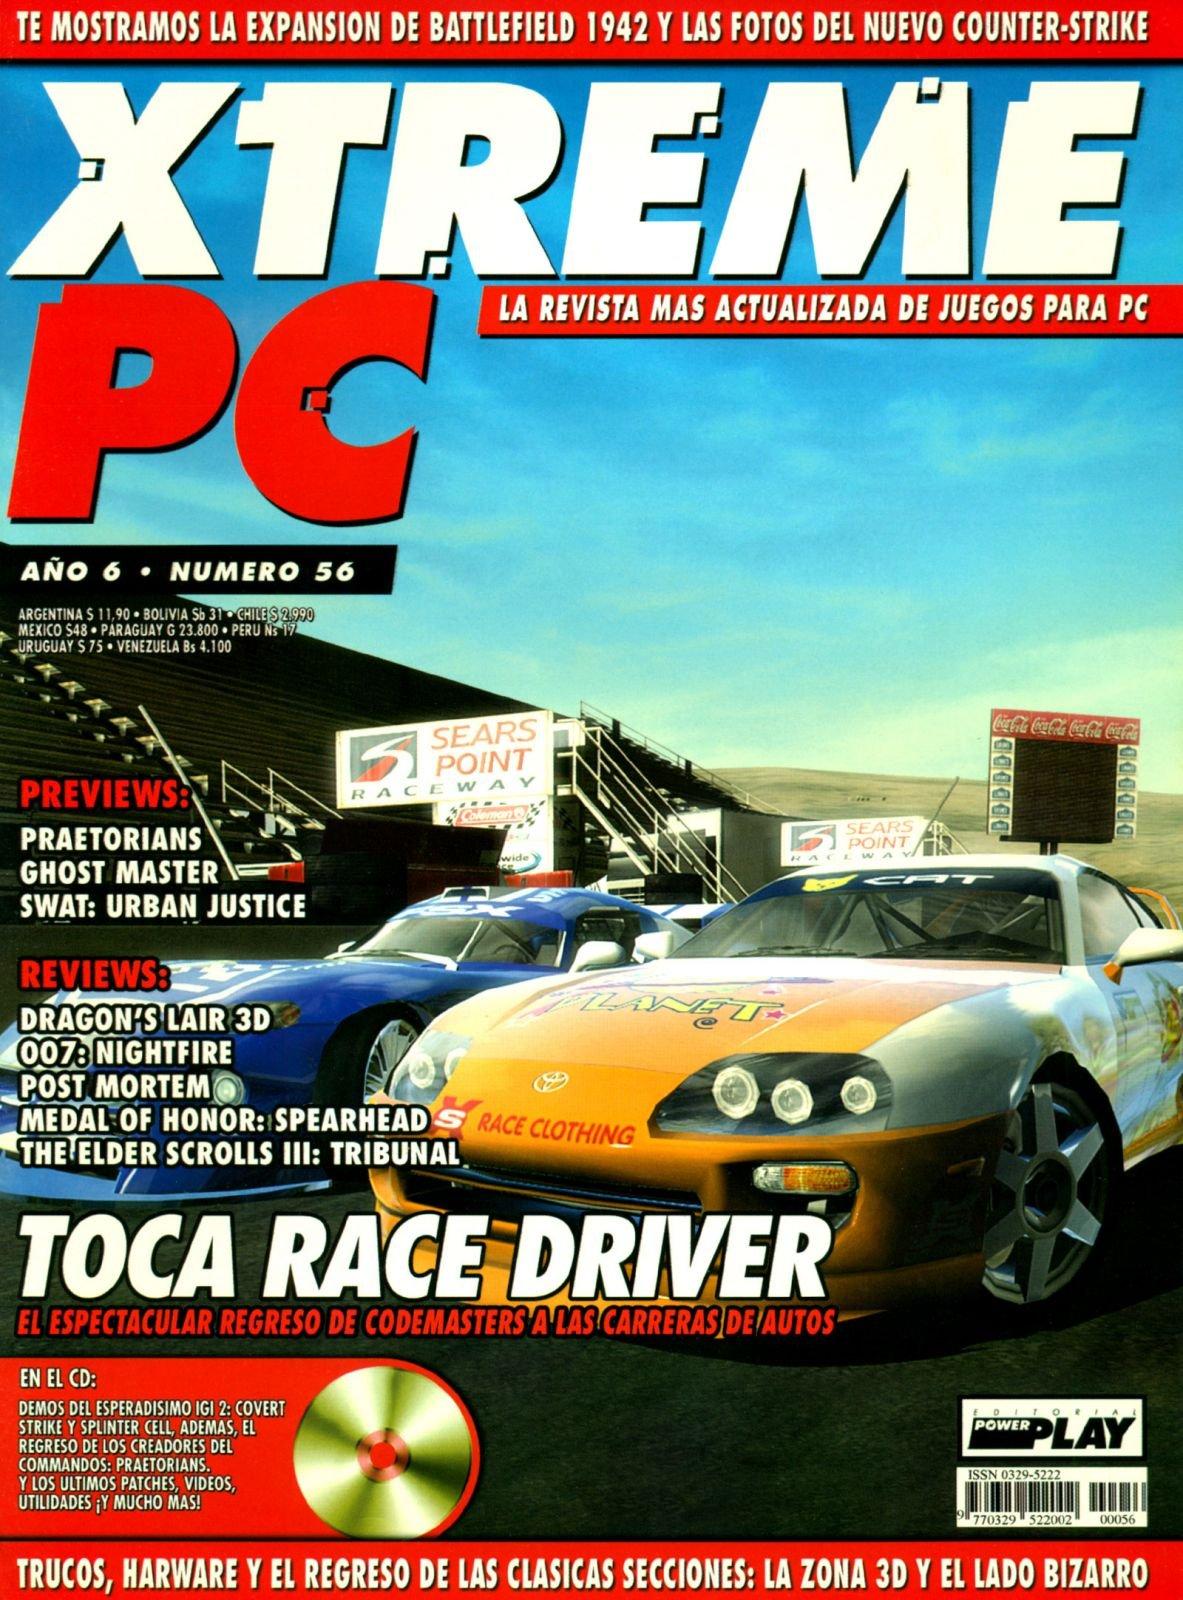 Xtreme PC 56 February 2003